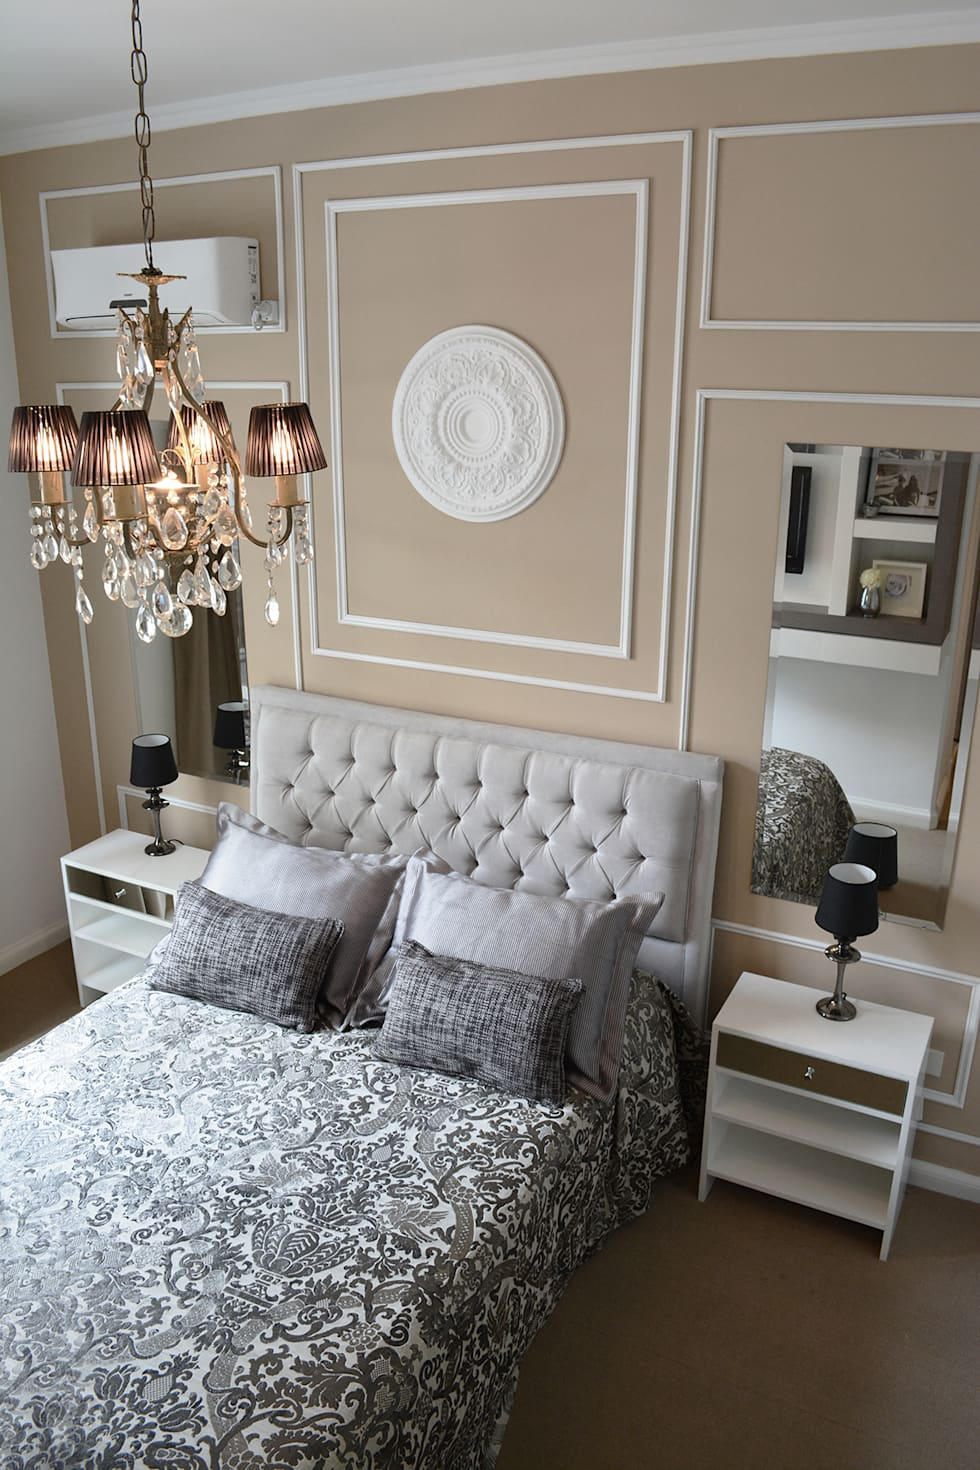 Remodelaci n dormitorio estilo franc s dormitorios de for Casas estilo frances clasico